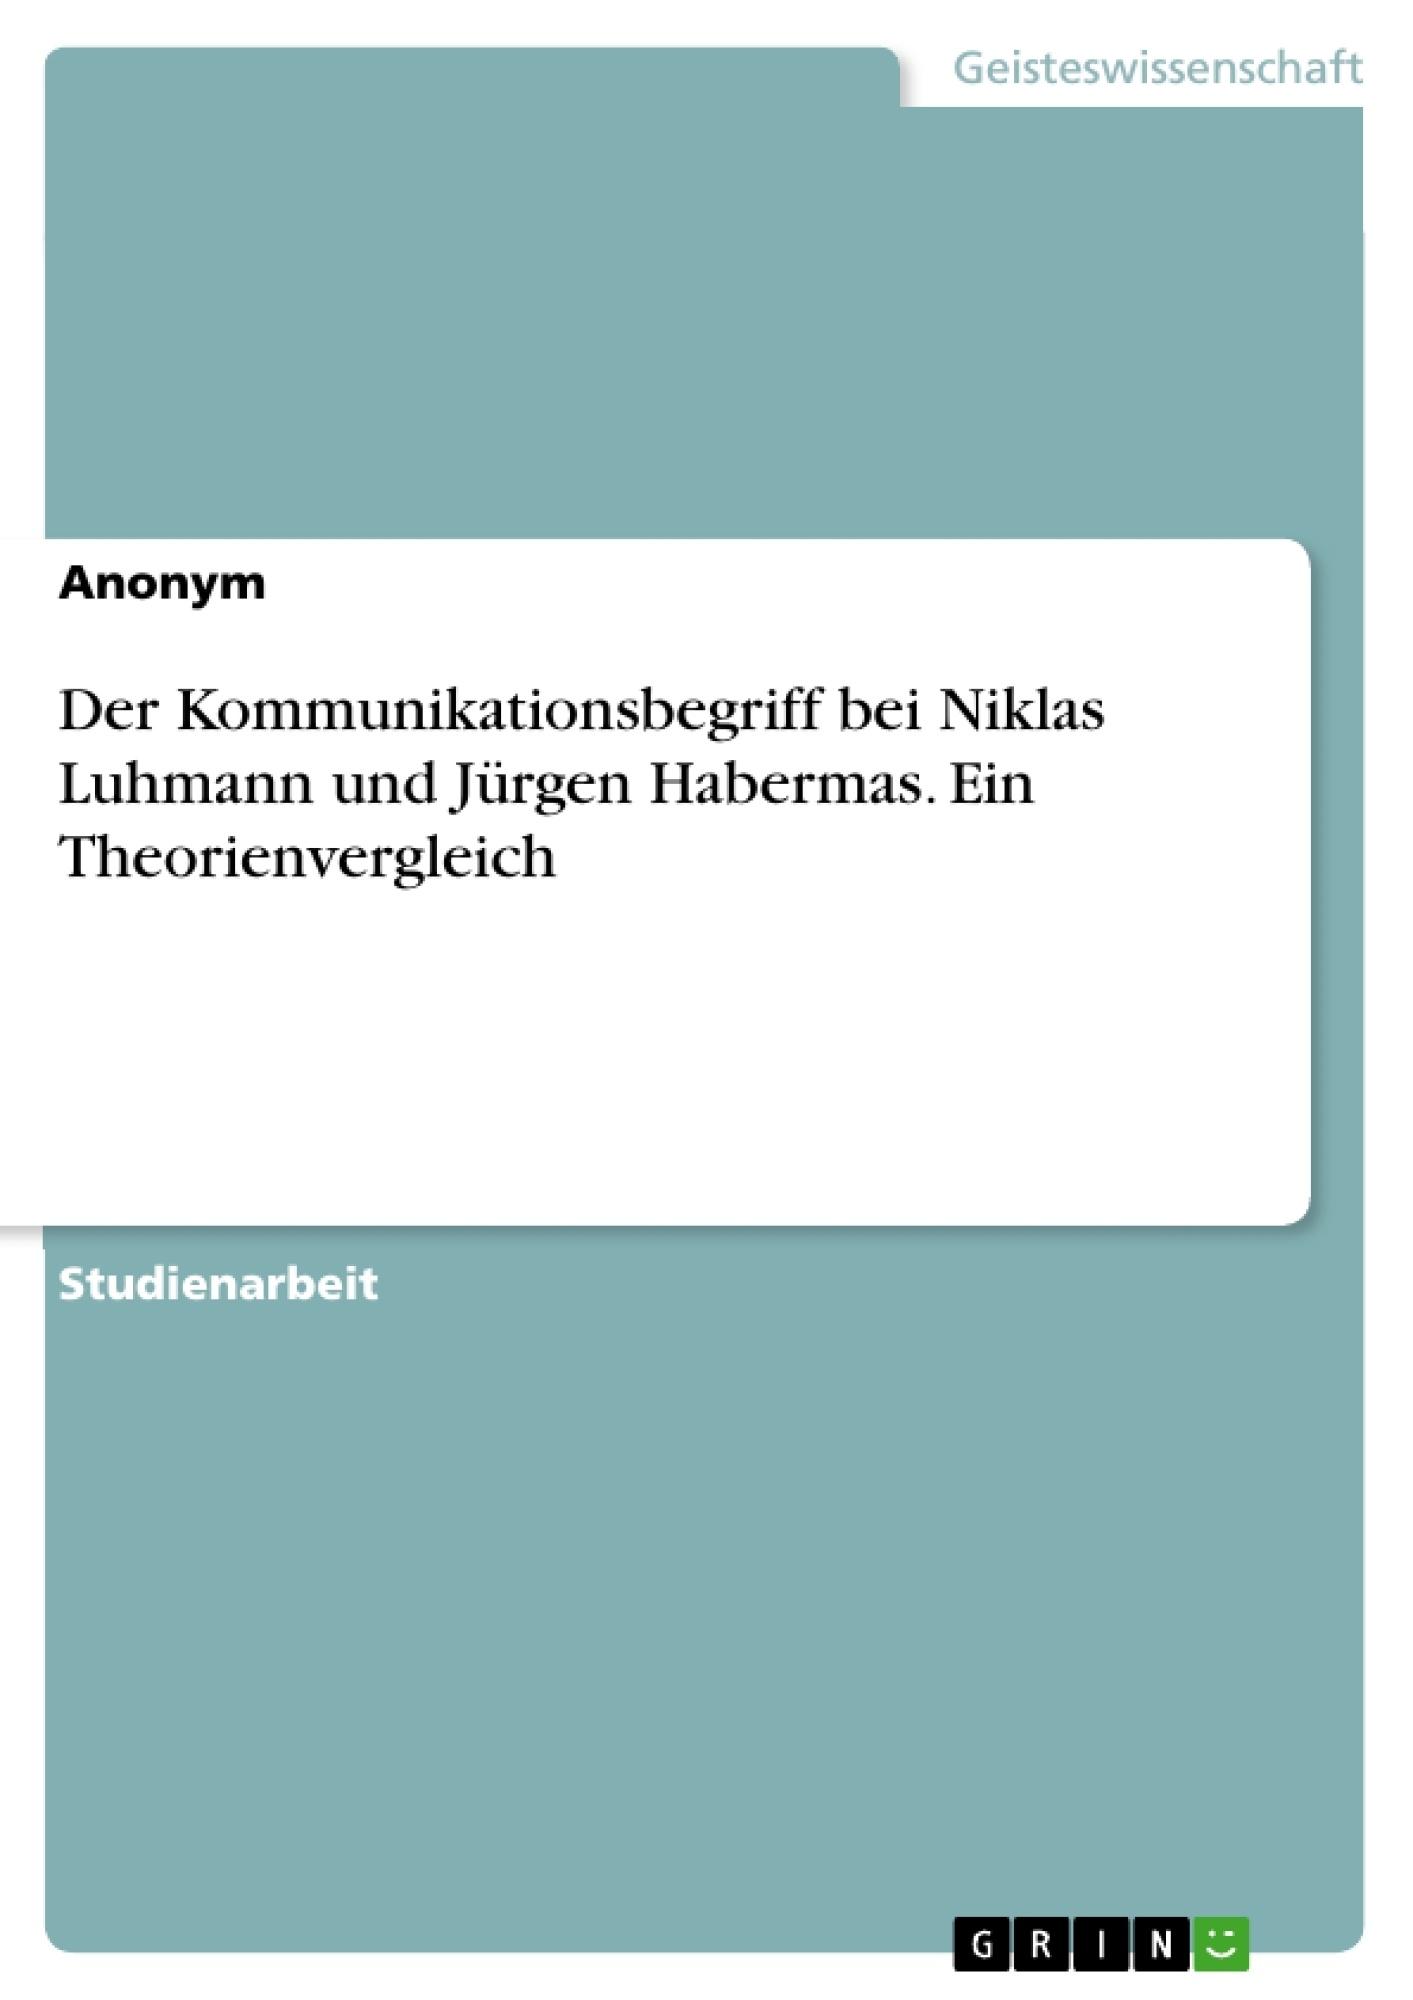 Titel: Der Kommunikationsbegriff bei Niklas Luhmann und Jürgen Habermas. Ein Theorienvergleich